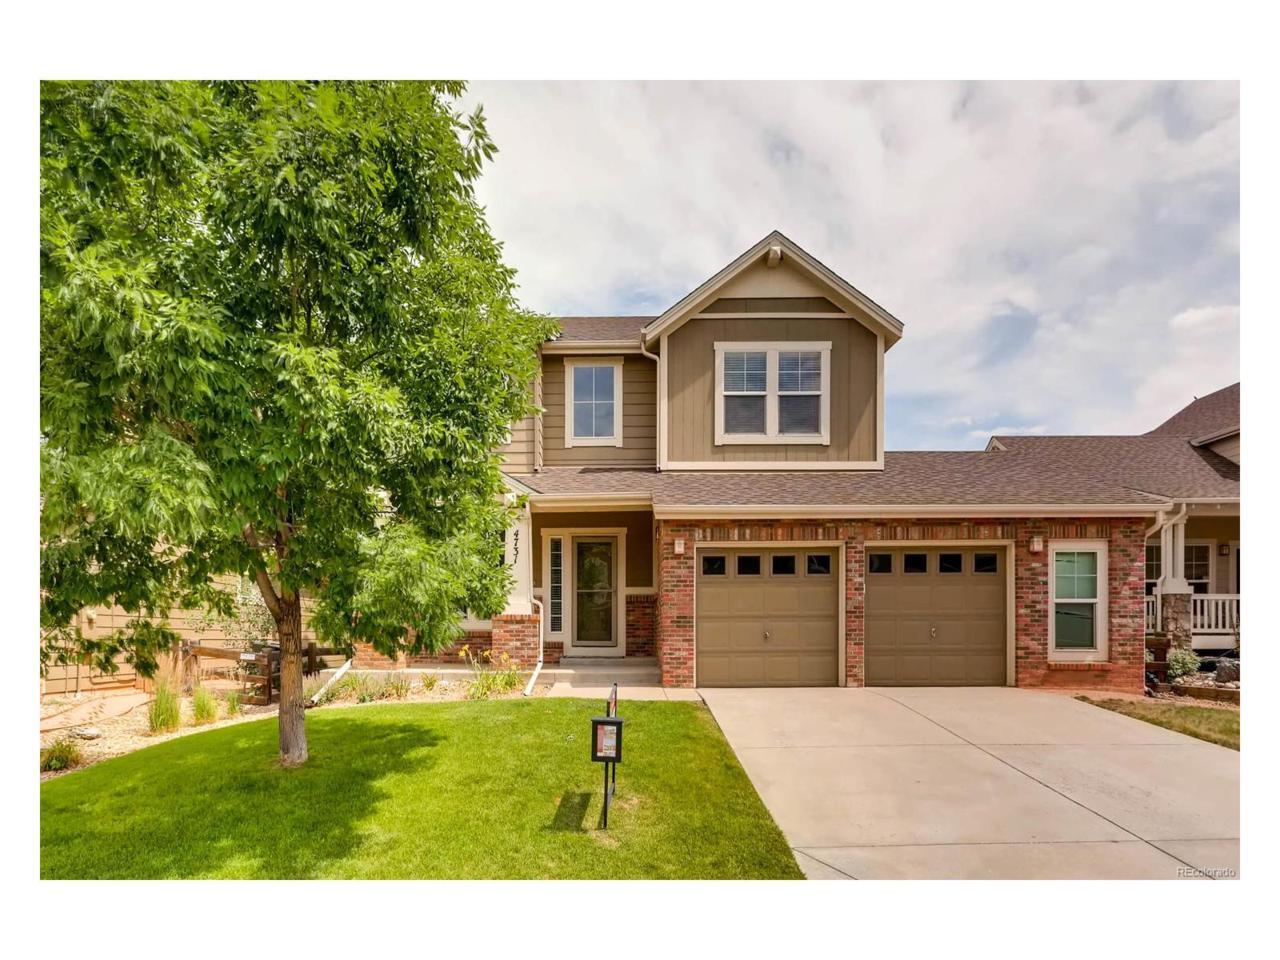 4731 Sunridge Terrace Drive, Castle Rock, CO 80109 (MLS #9240705) :: 8z Real Estate